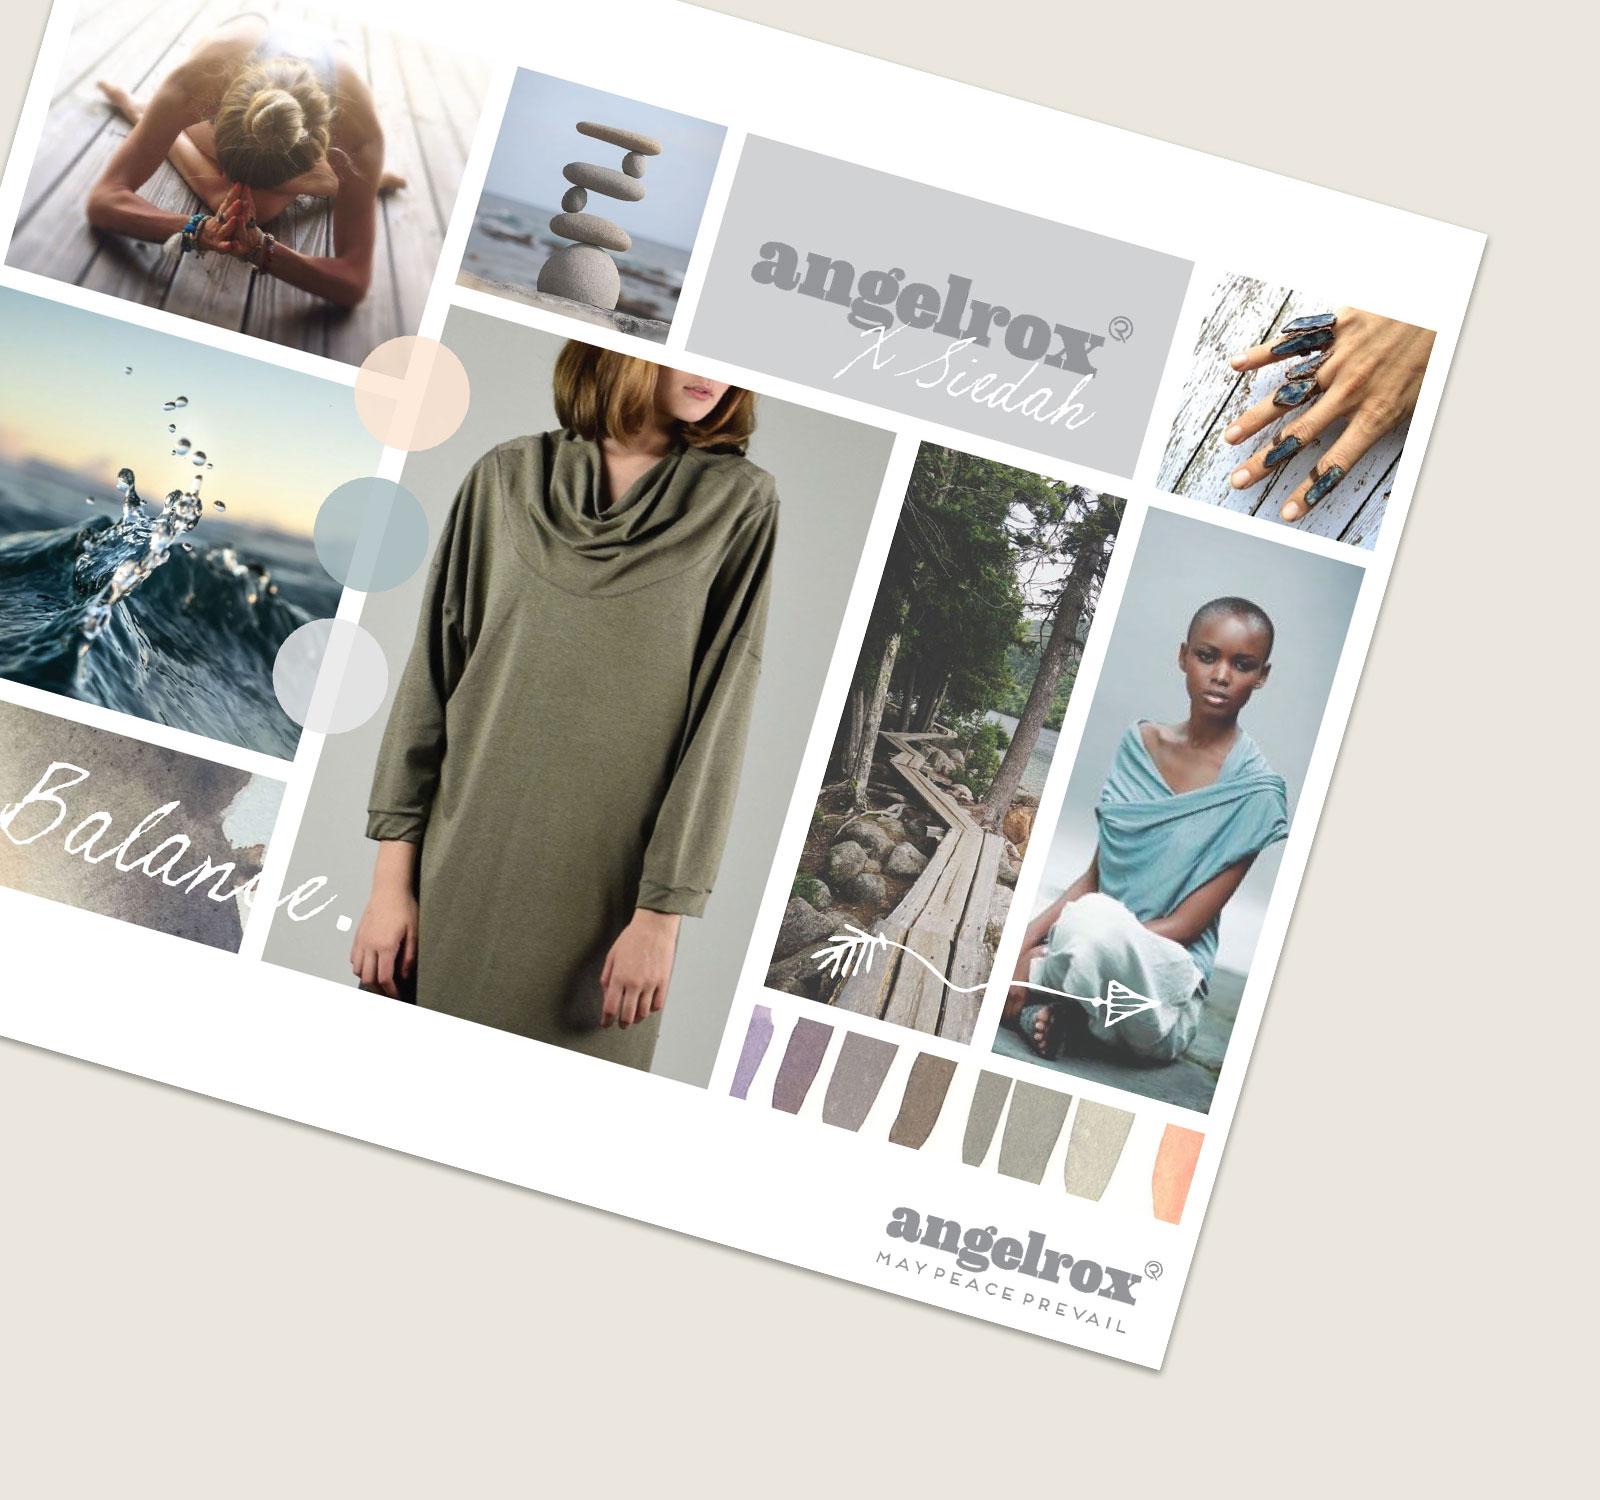 Angelrox-Detail.jpg